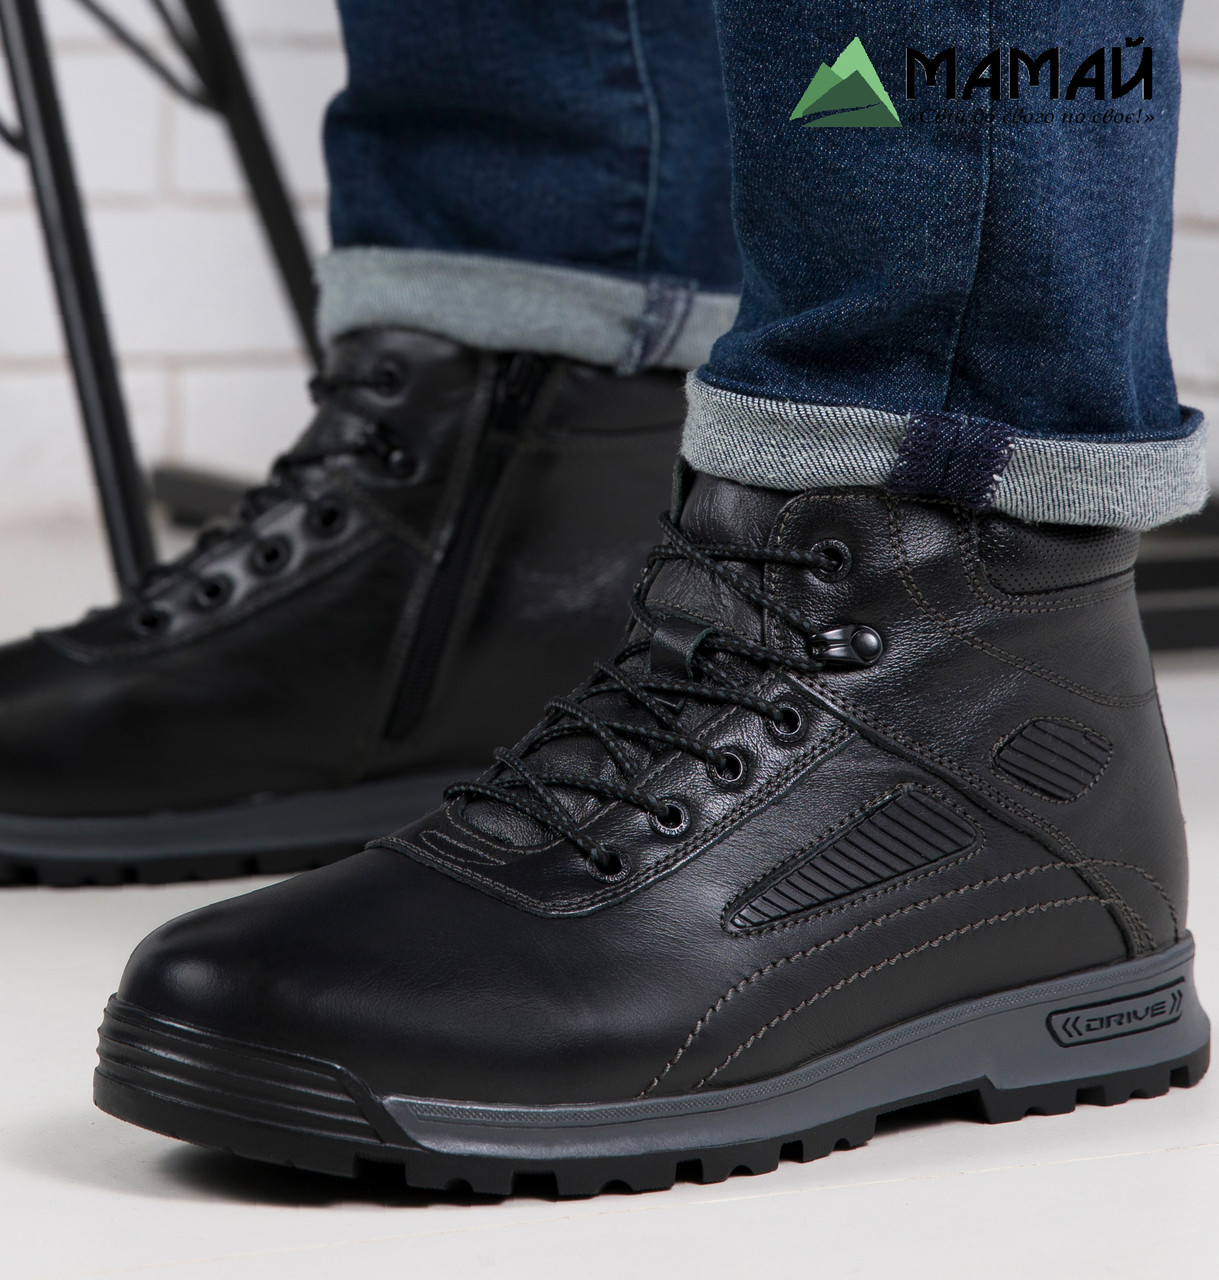 Чоловічі зимові черевики з натуральної шкіри -20 °C 40р